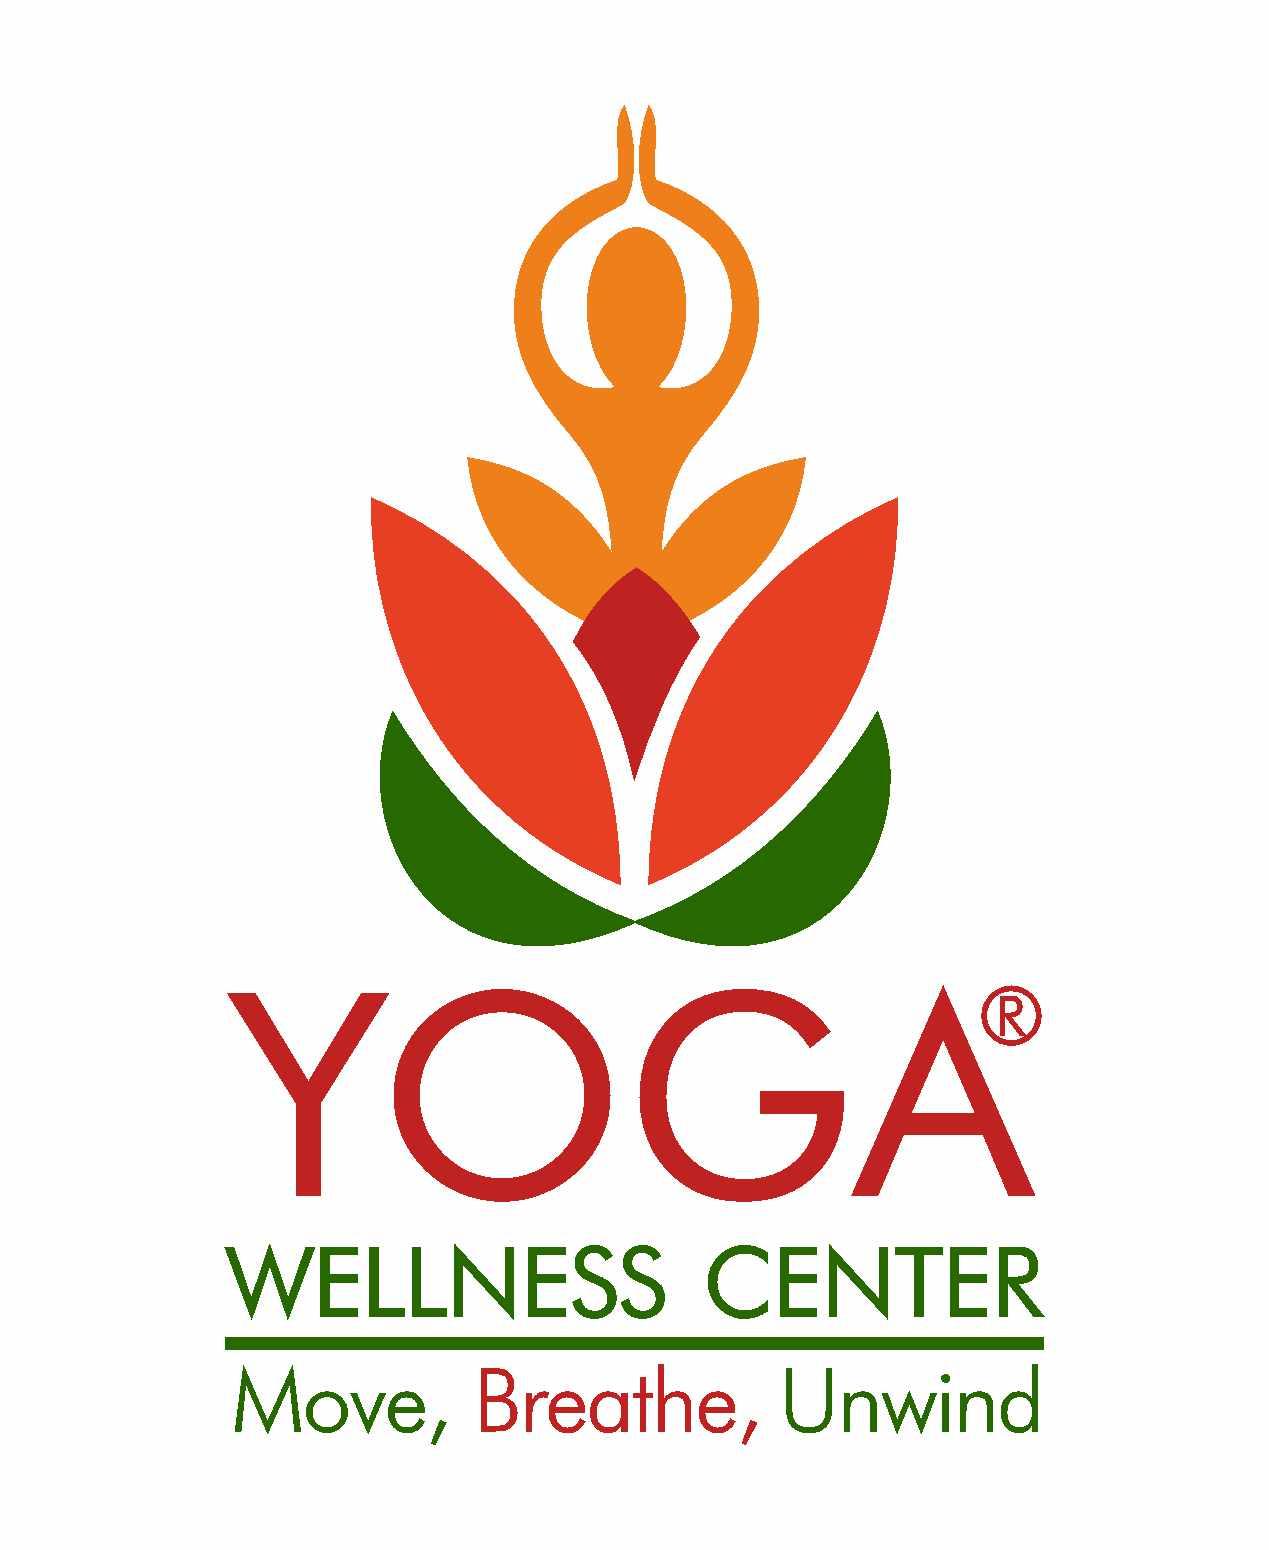 YOGA WELLNESS CENTER logo